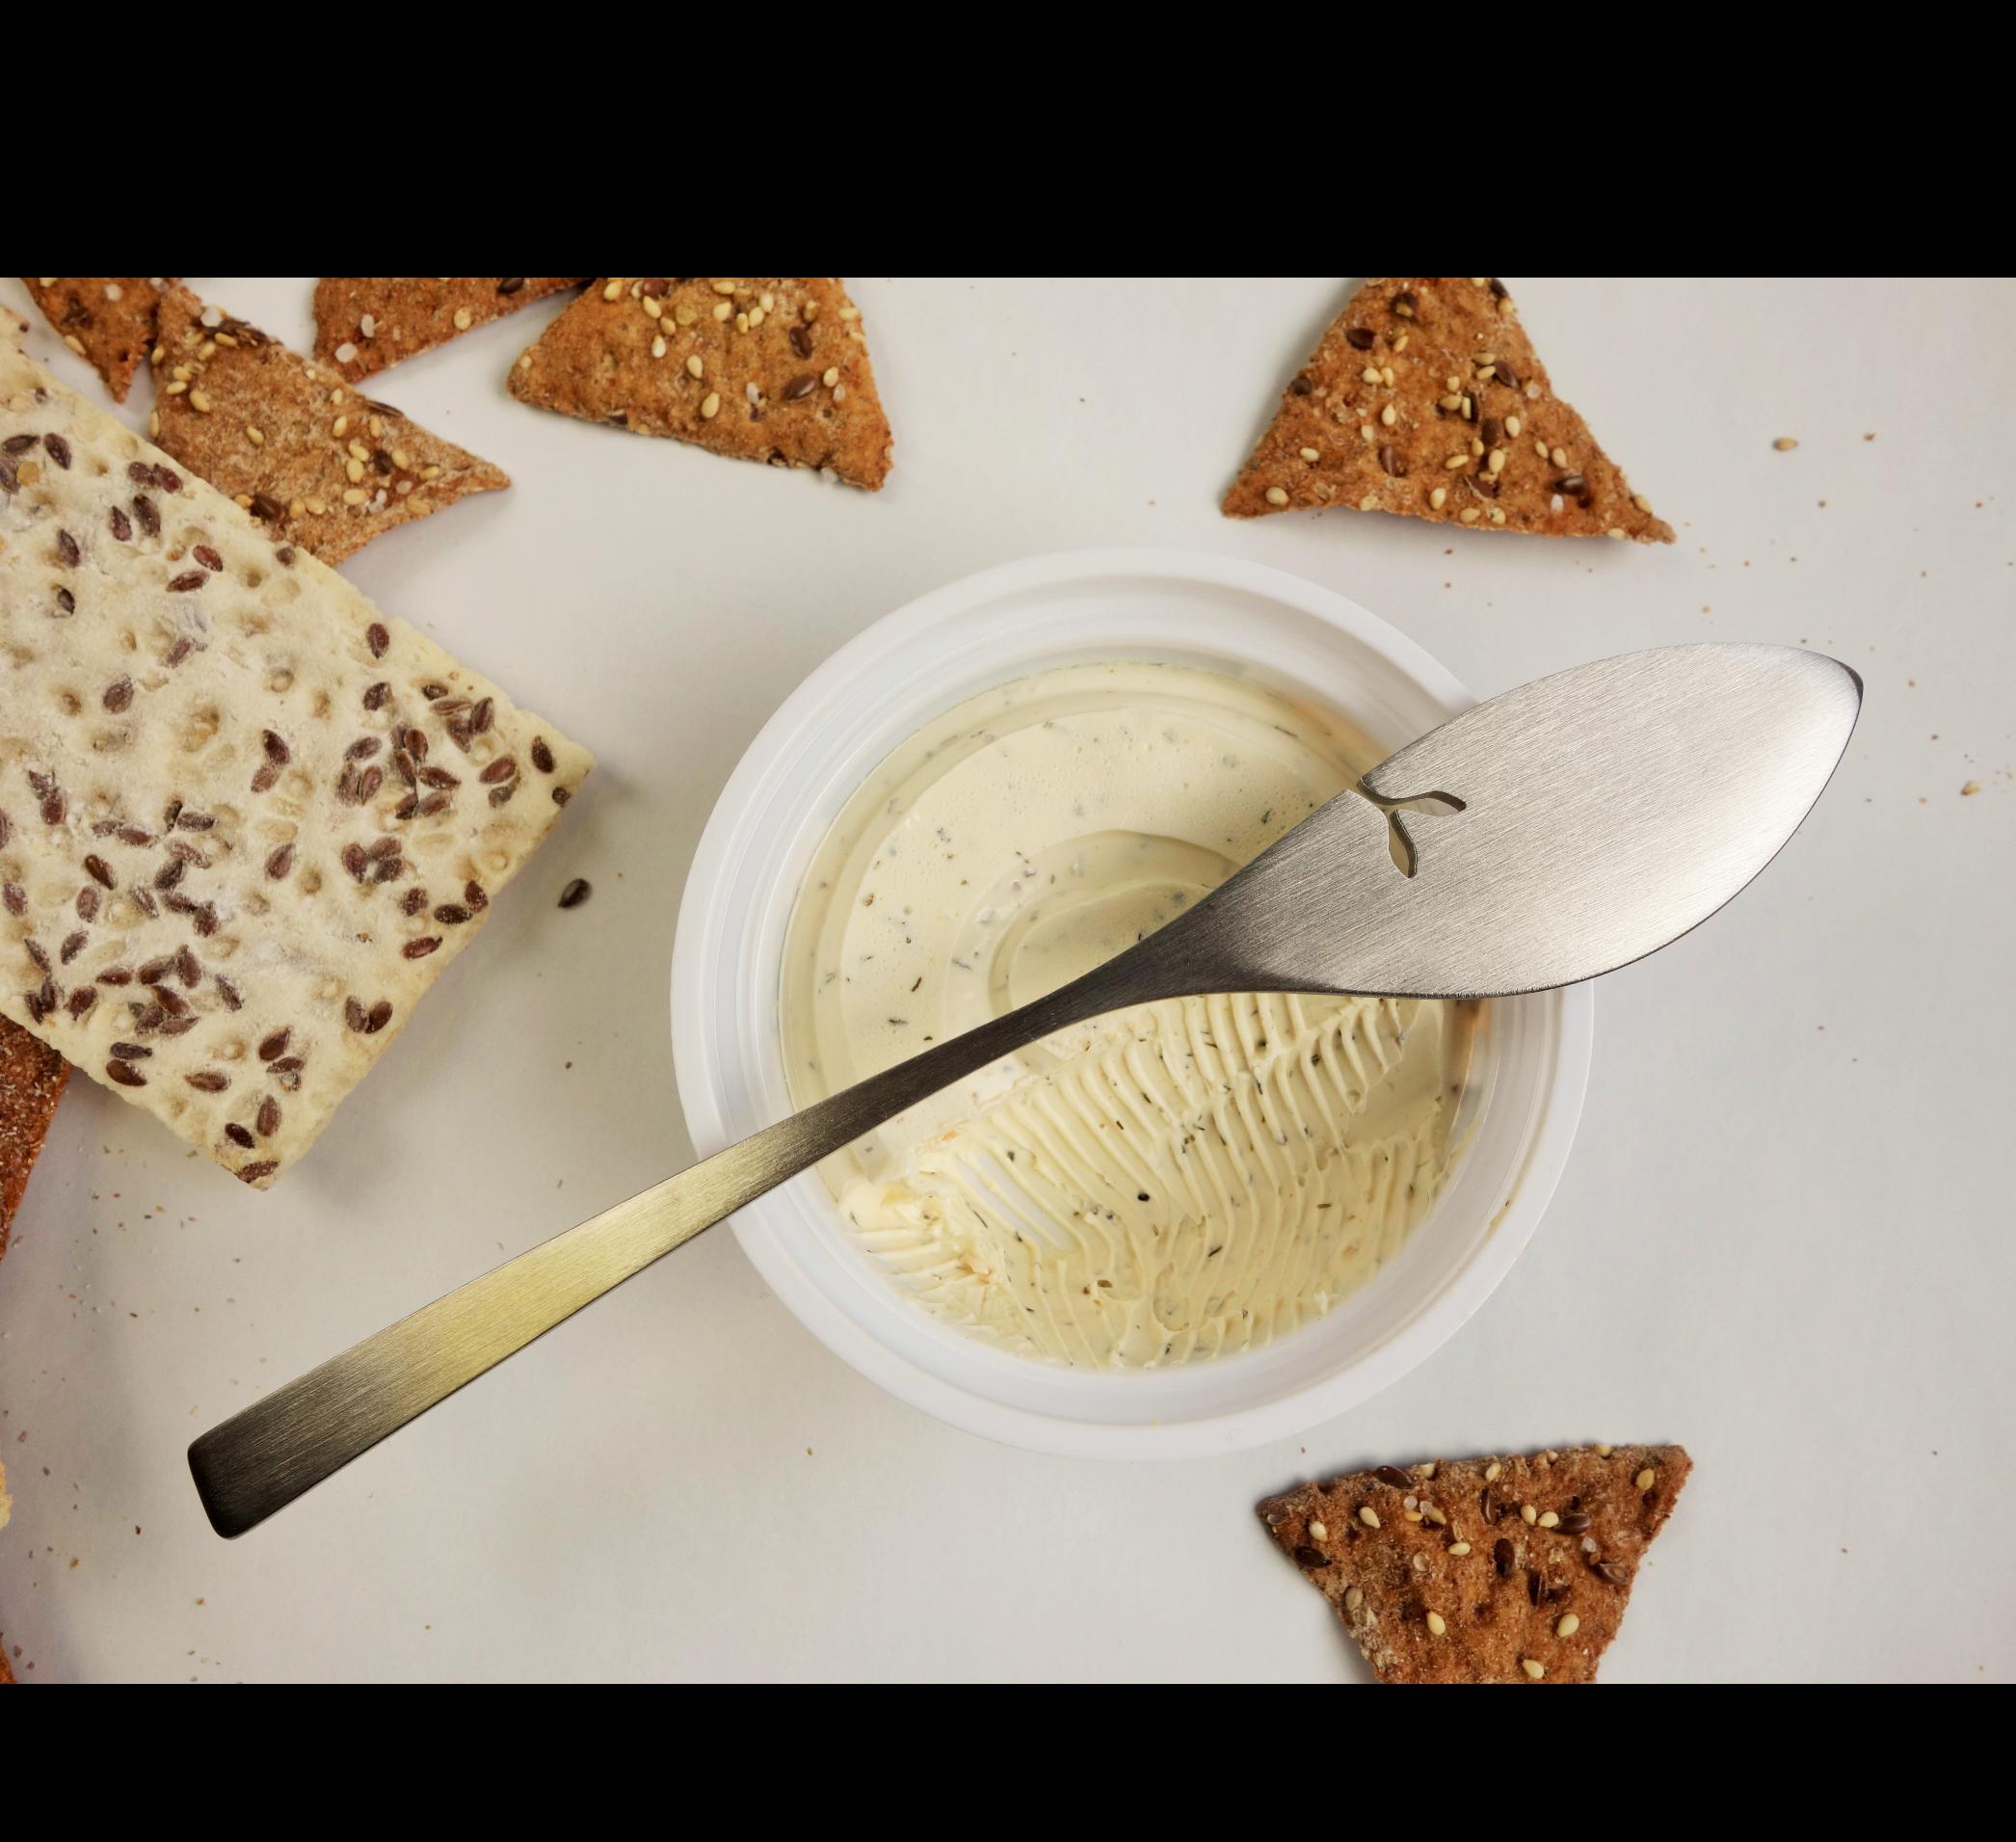 Butter Knife - Brushed